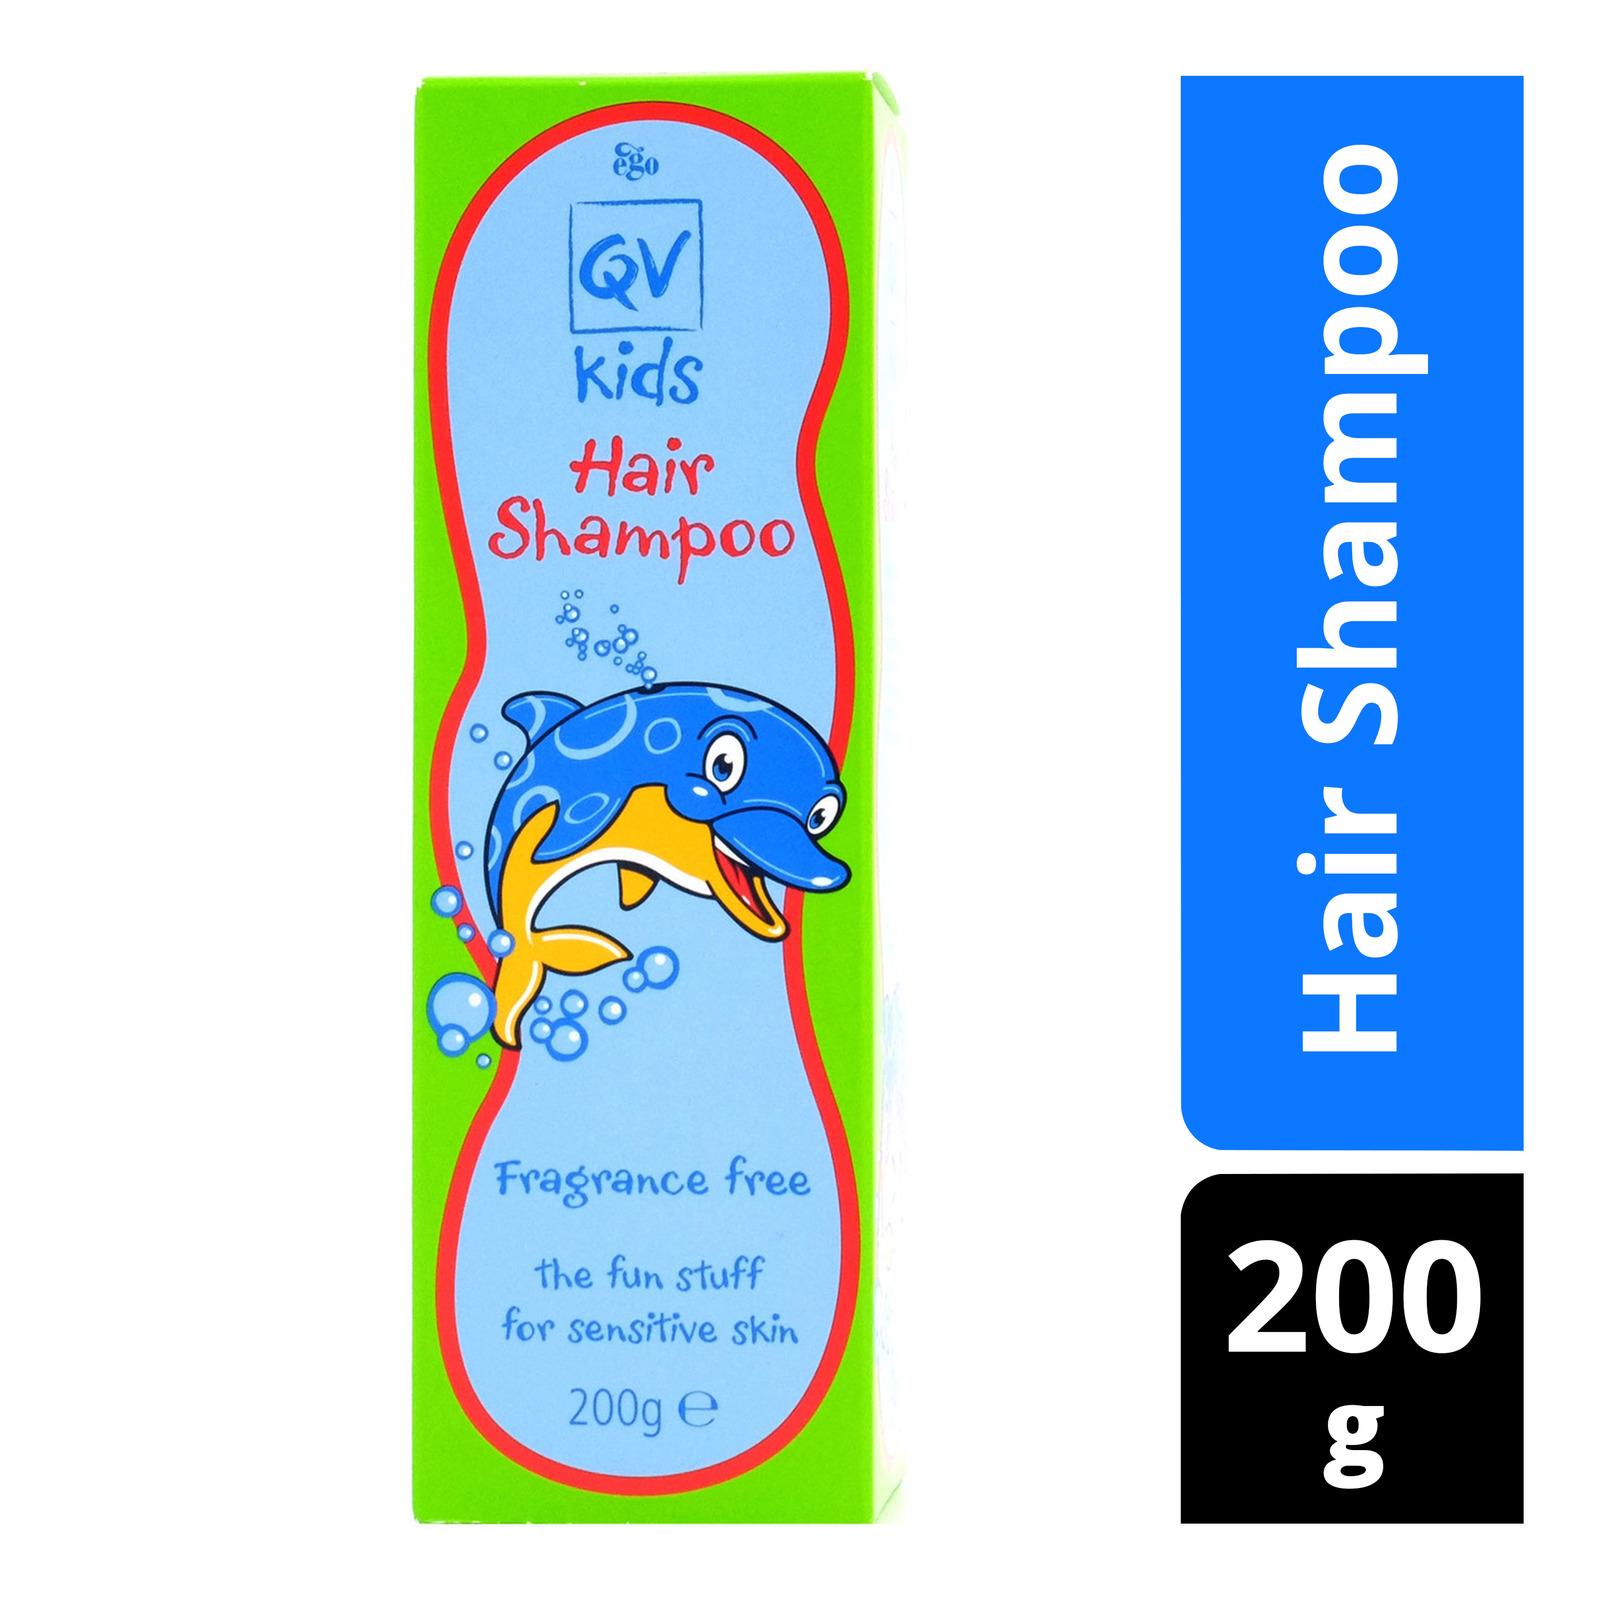 EGO QV kids hair shampoo 200ml